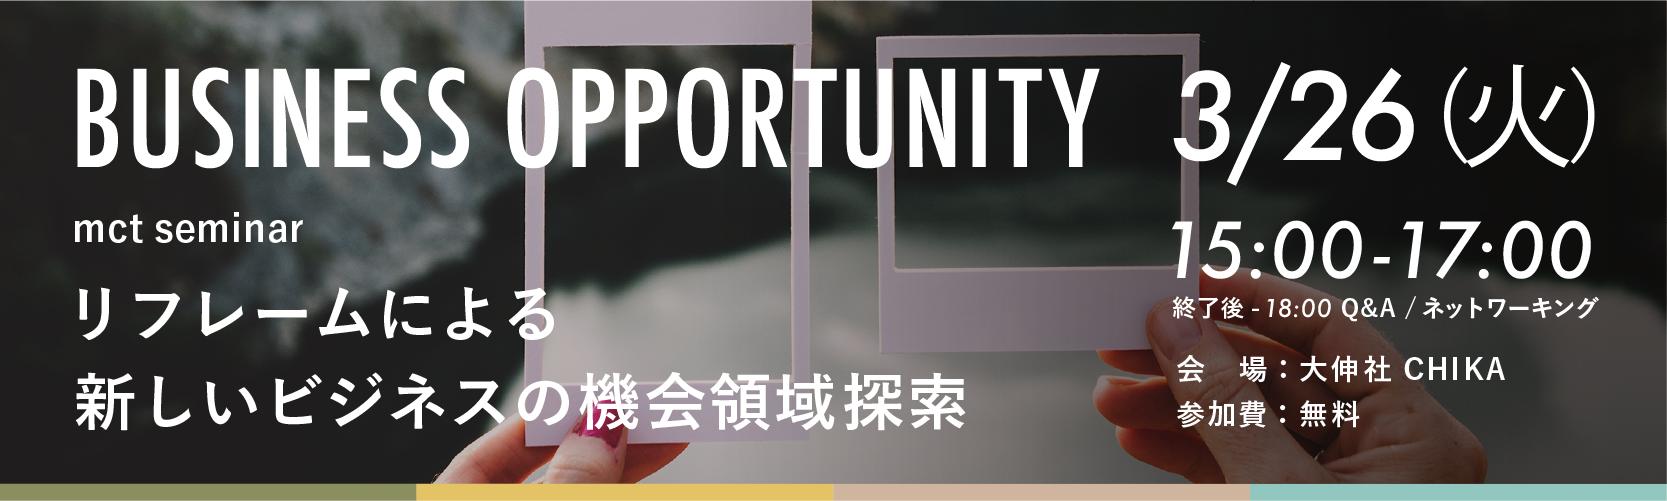 リフレームによる新しいビジネス機会領域の探索